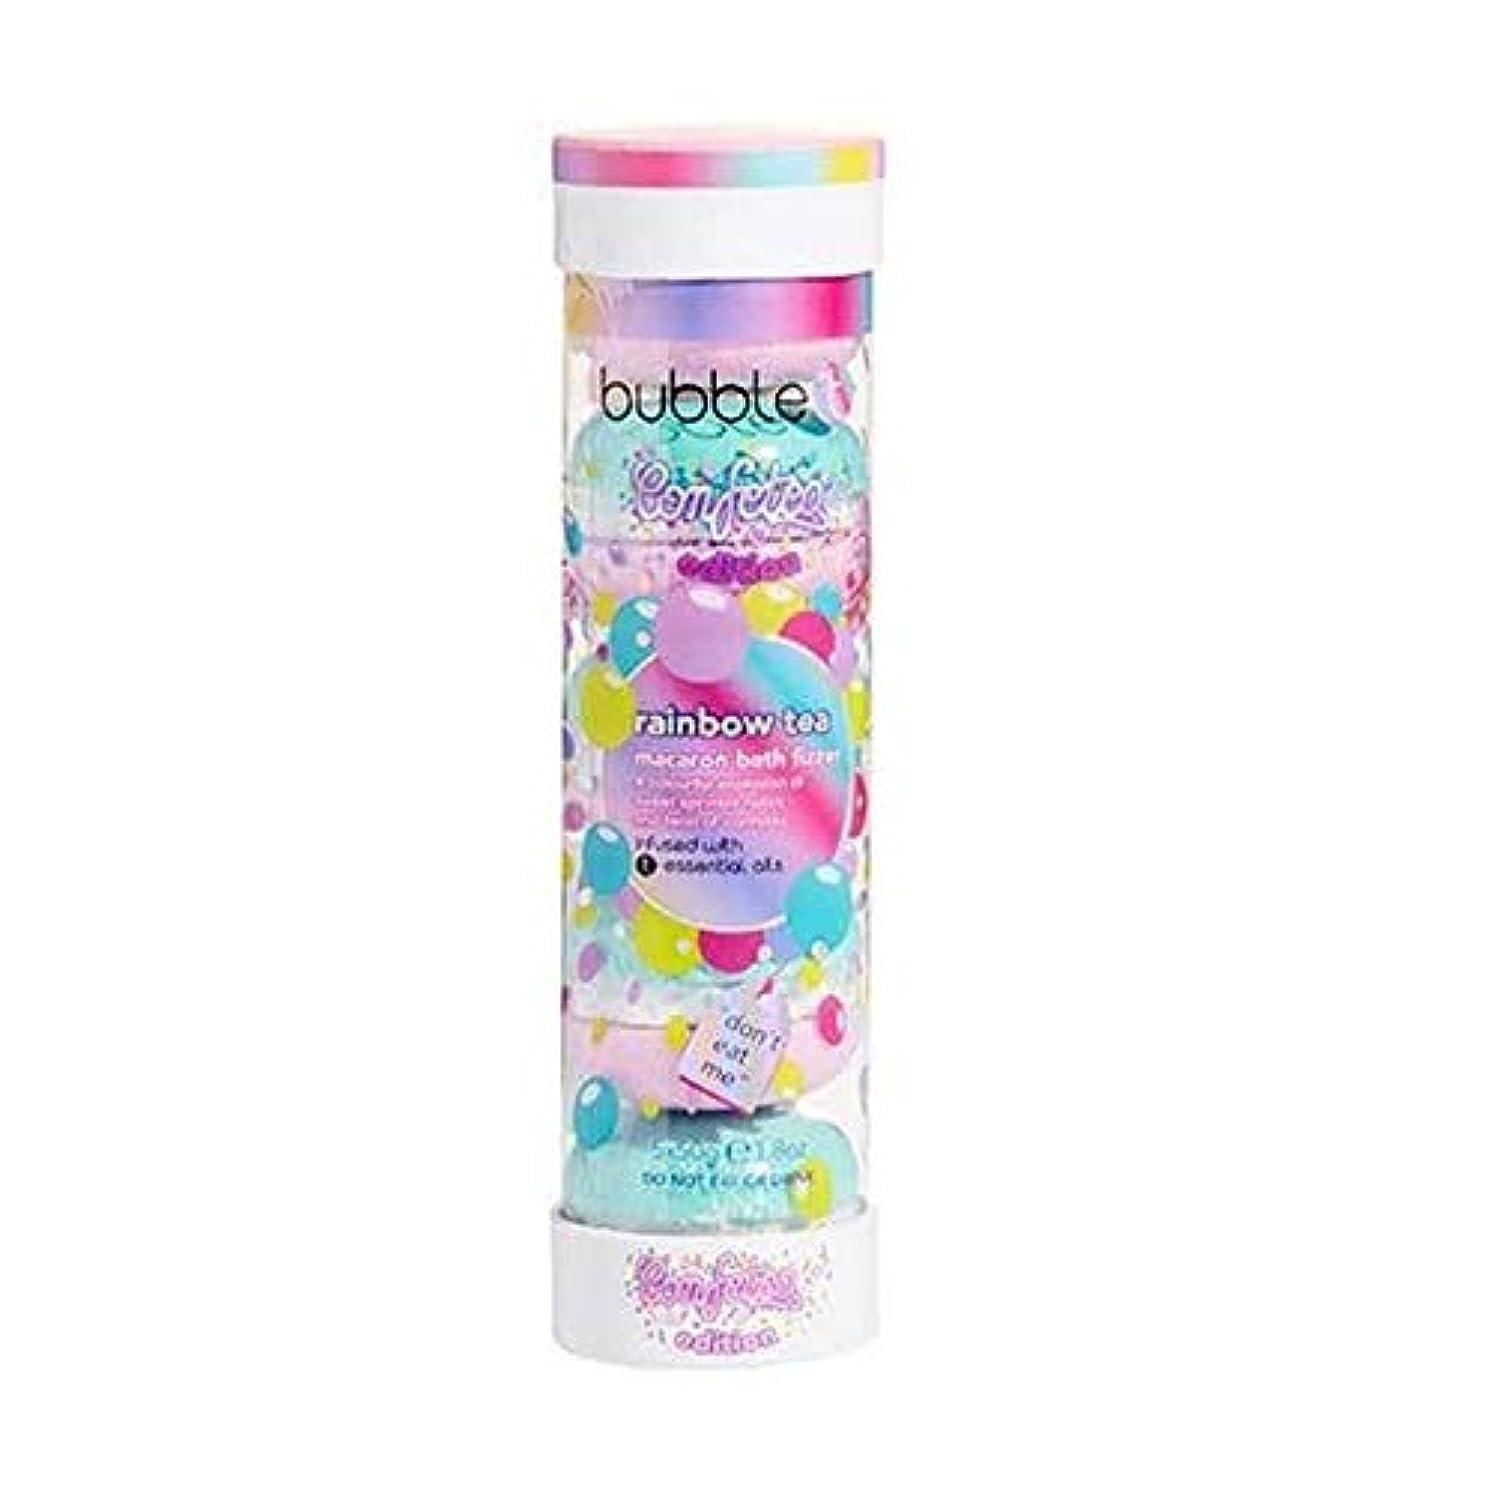 シャープ裁定耐えられる[Bubble T ] バブルトン化粧品のマカロンバスFizzer虹茶5×50グラム - Bubble T Cosmetics Macaron Bath Fizzer Rainbow Tea 5 x 50g [並行輸入品]